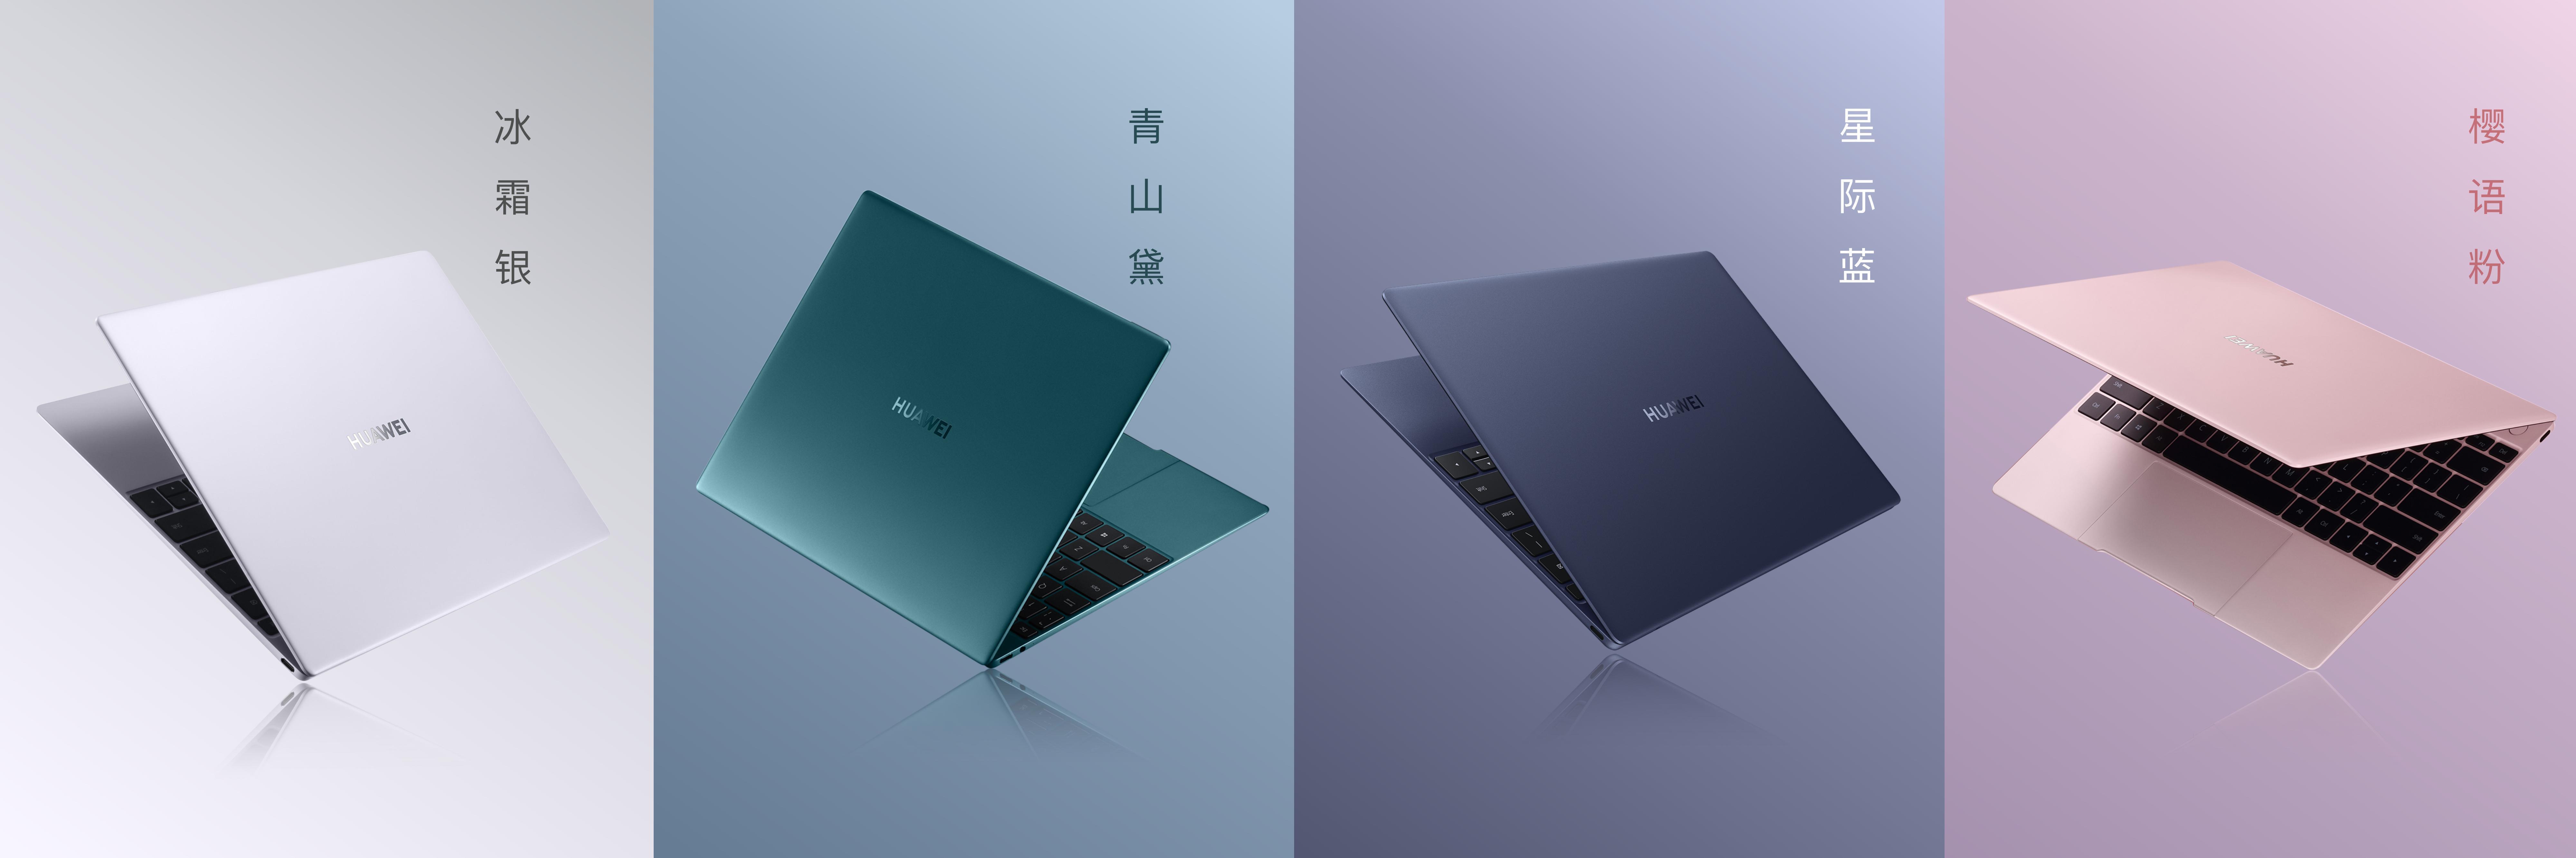 Huawei ra mắt MateBook X cao cấp: Mỏng nhẹ hơn MacBook Air, màn hình cảm ứng 3K, Intel thế hệ 10, giá từ 26.8 triệu - Ảnh 6.